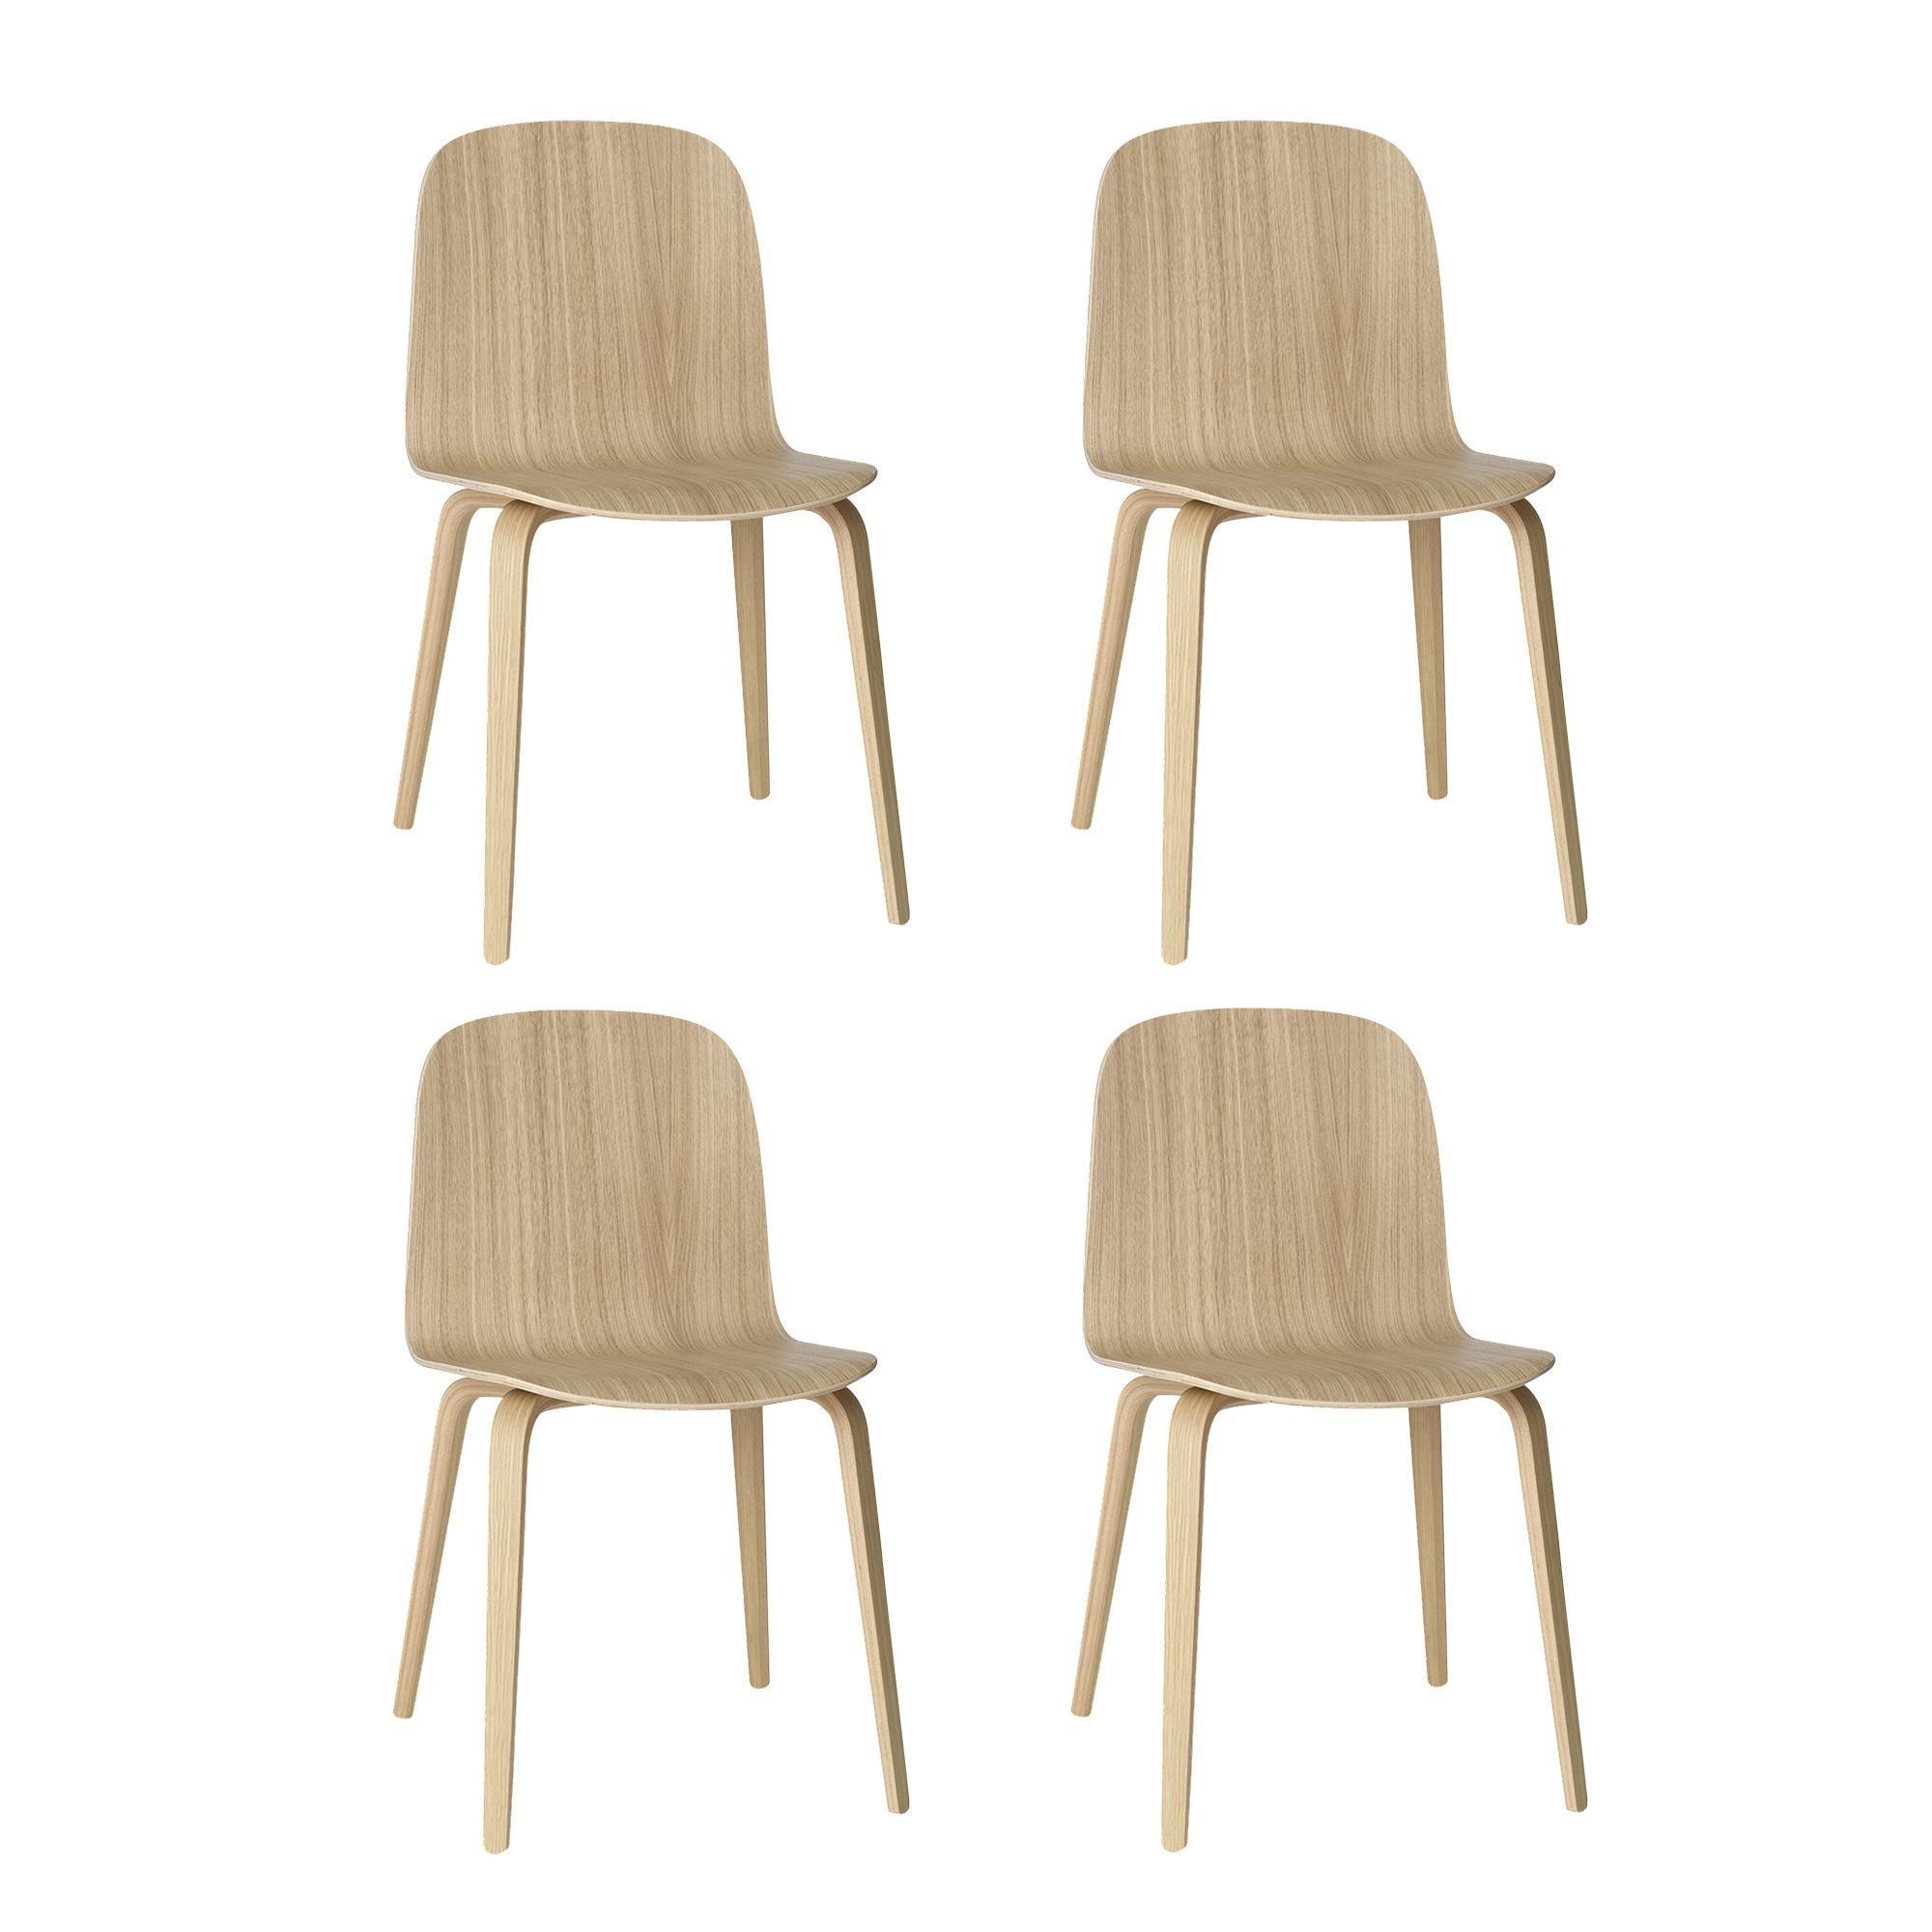 Visu Set bois structure chaises 4 de en OuTZPkXiw